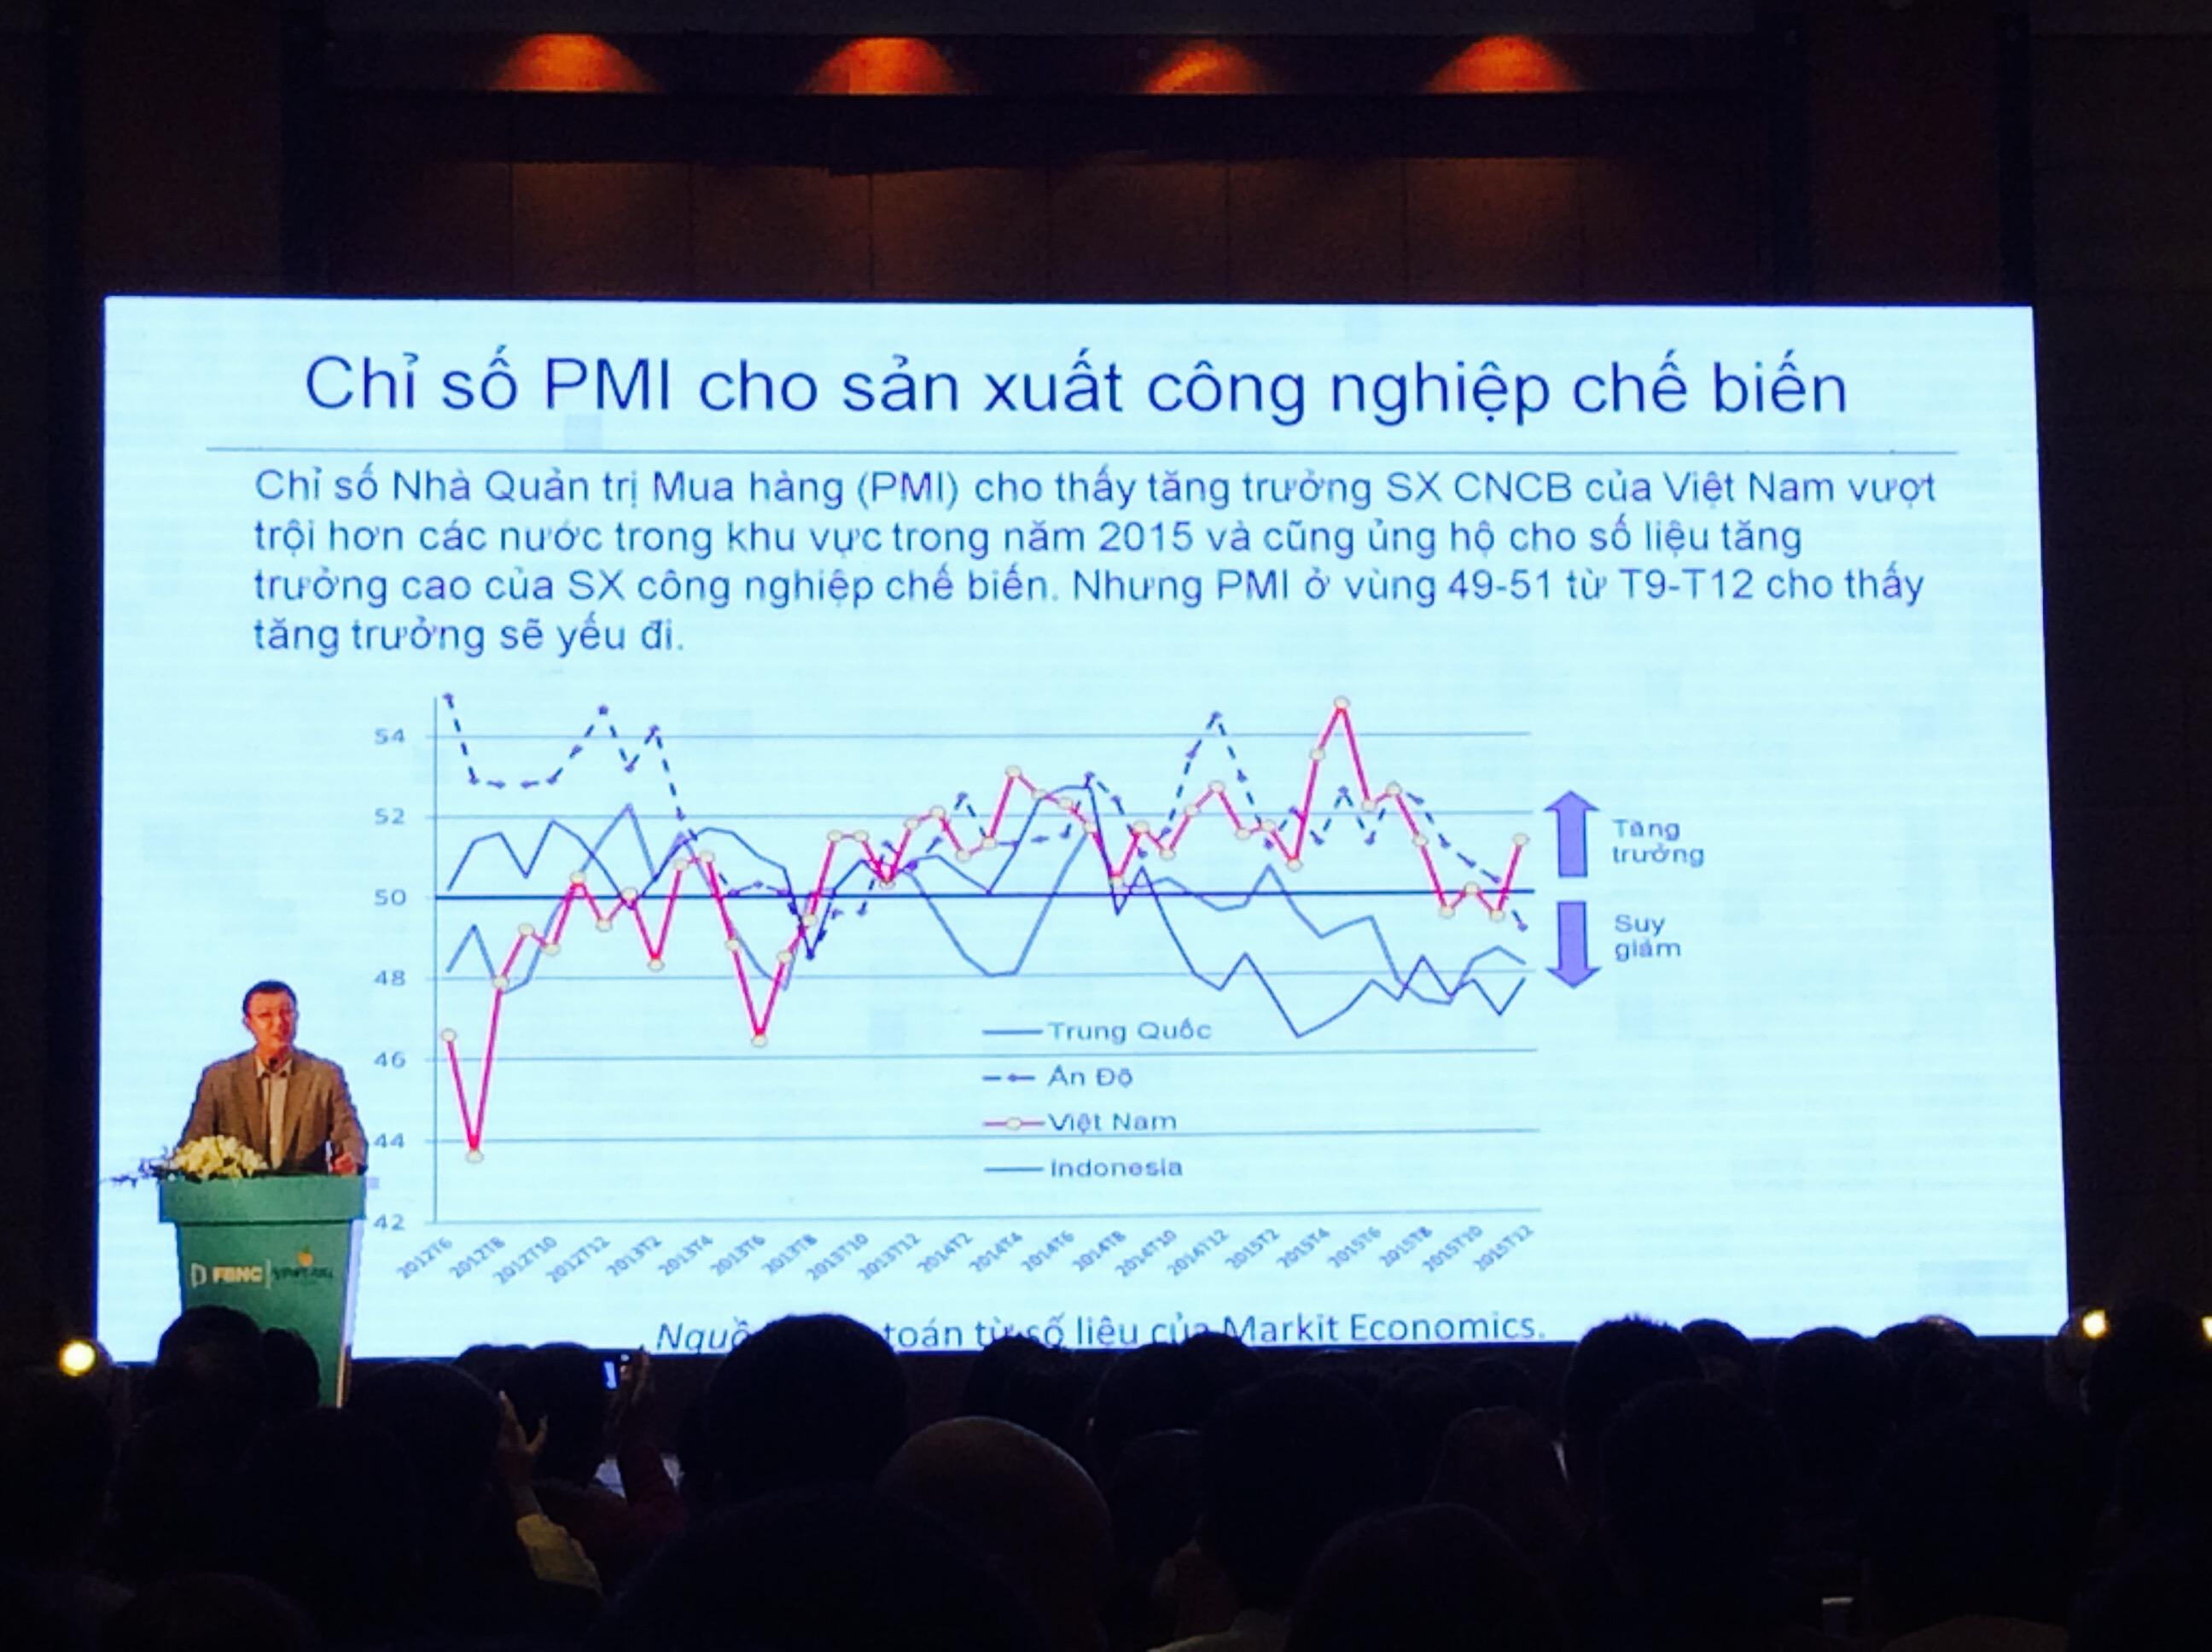 bat dong san nghi duong - ong Nguyen Xuan Thanh